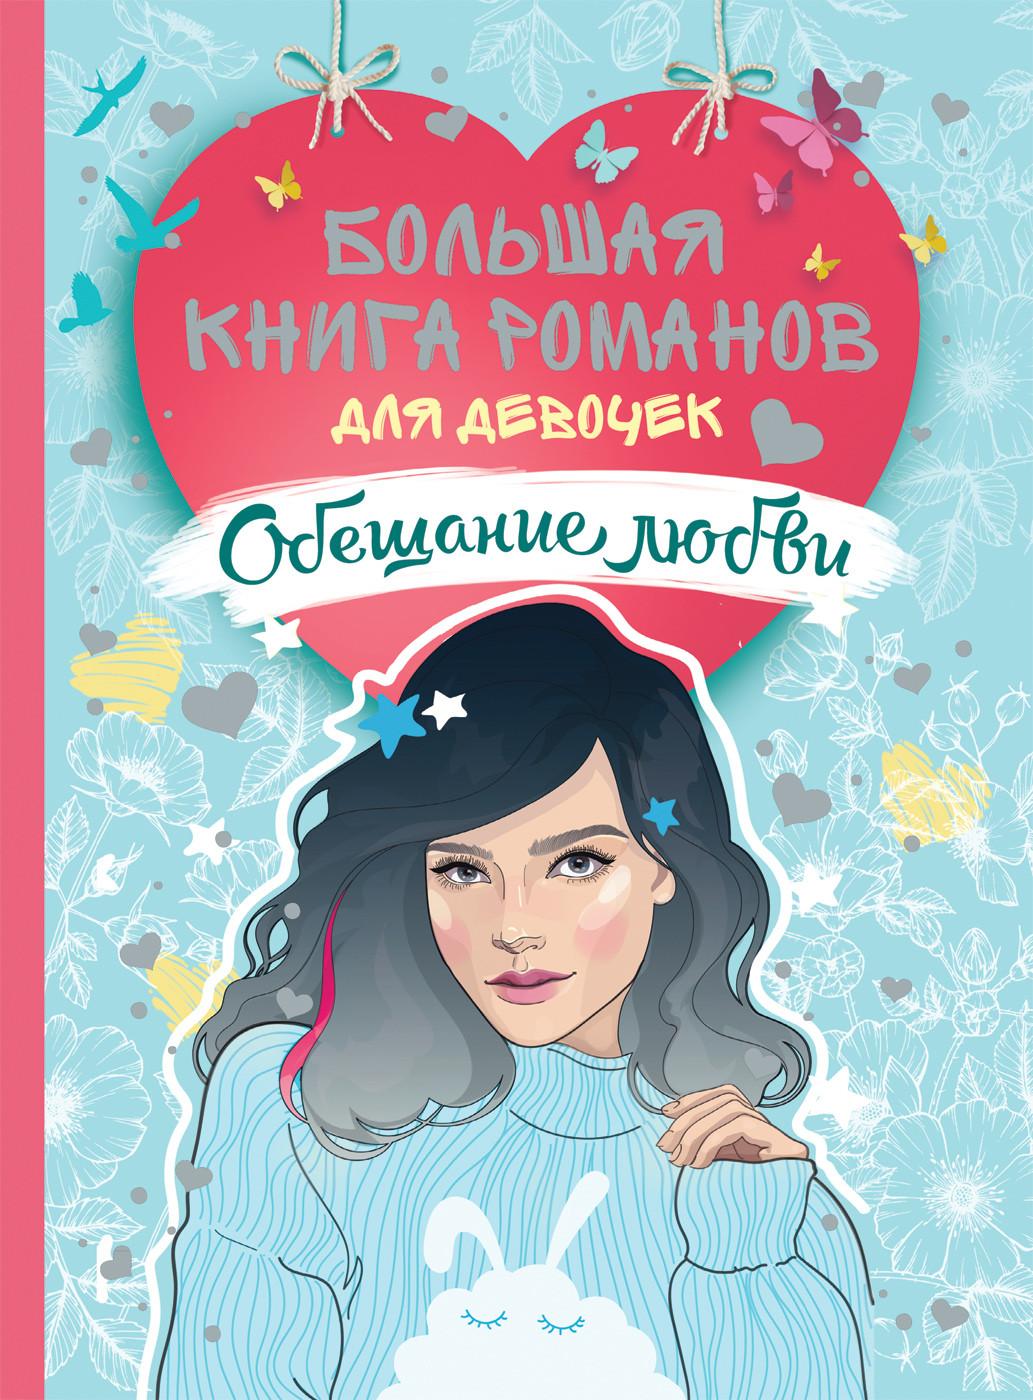 Еналь В., Смелик Э. и др. Большая книга романов для девочек. Обещание любви